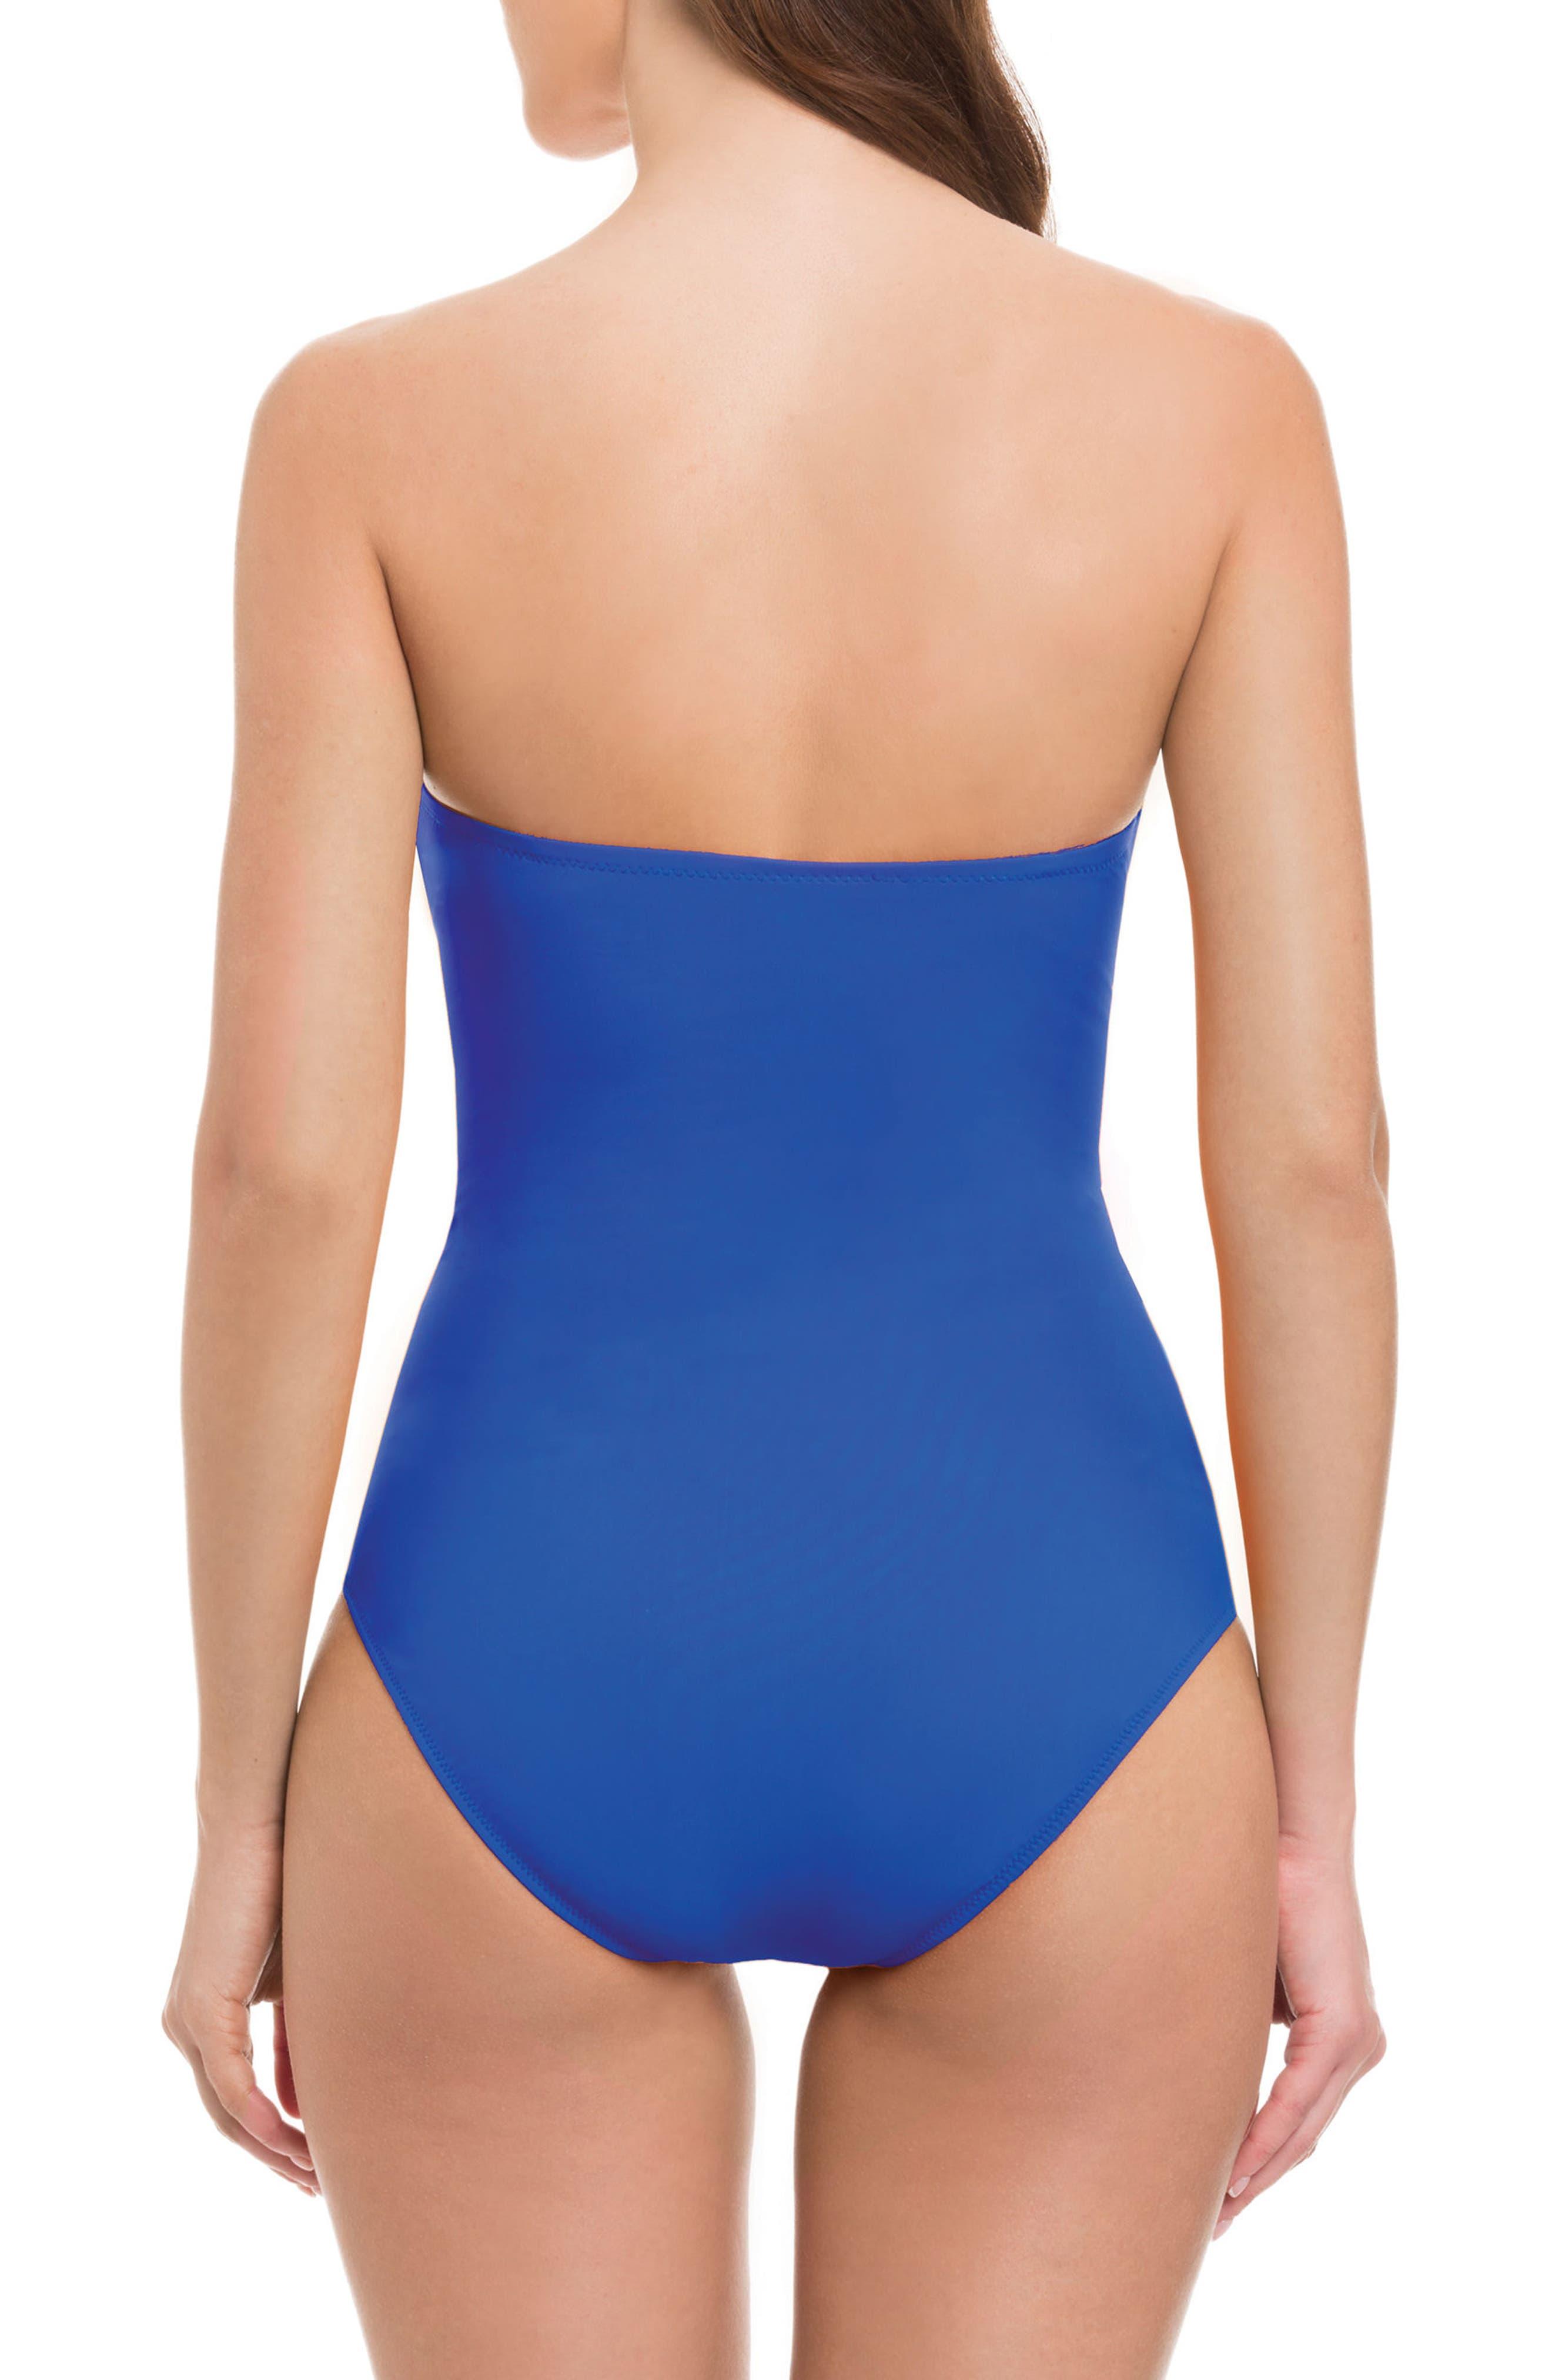 Bandeau One-Piece Swimsuit,                             Alternate thumbnail 2, color,